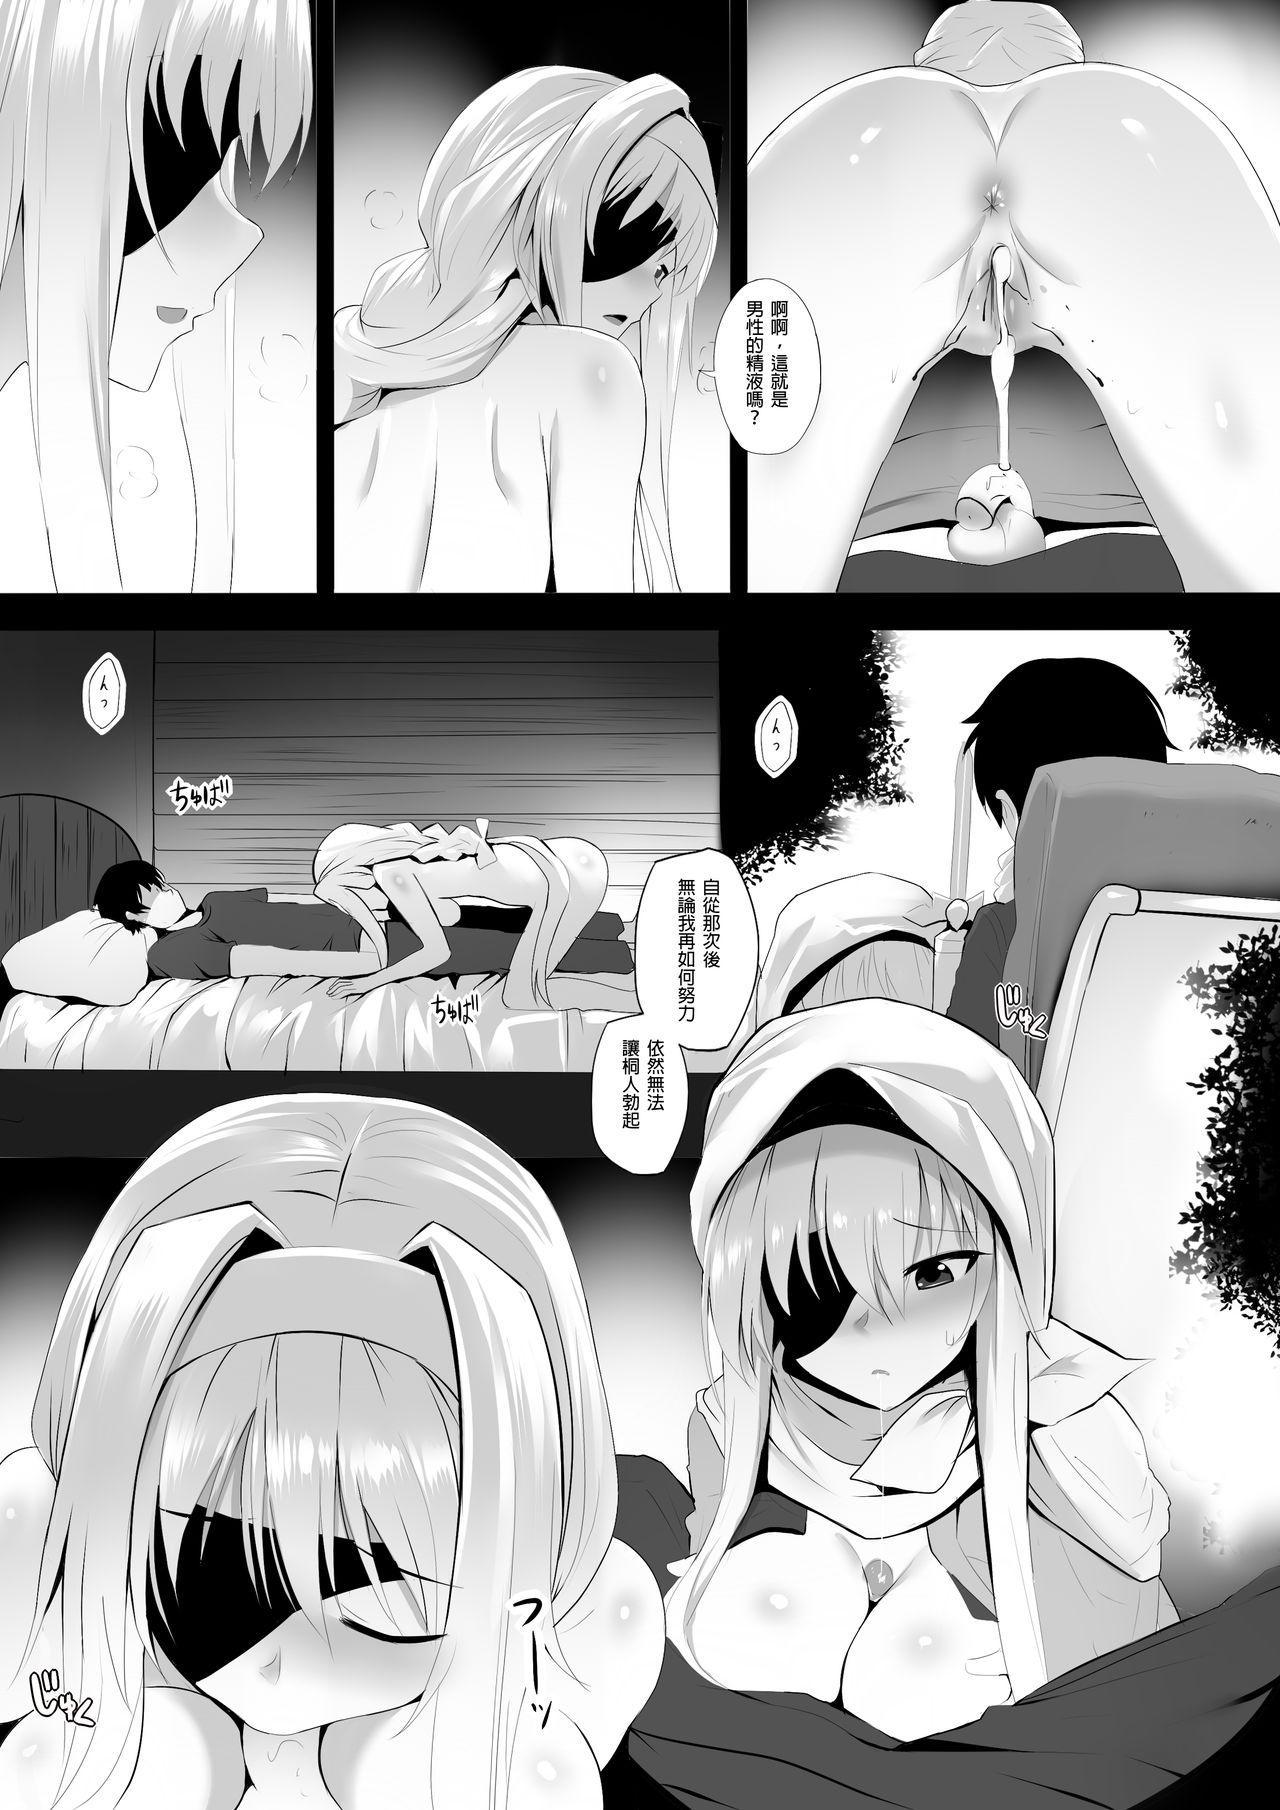 Futatsu no Sekai kara no Omoi 16